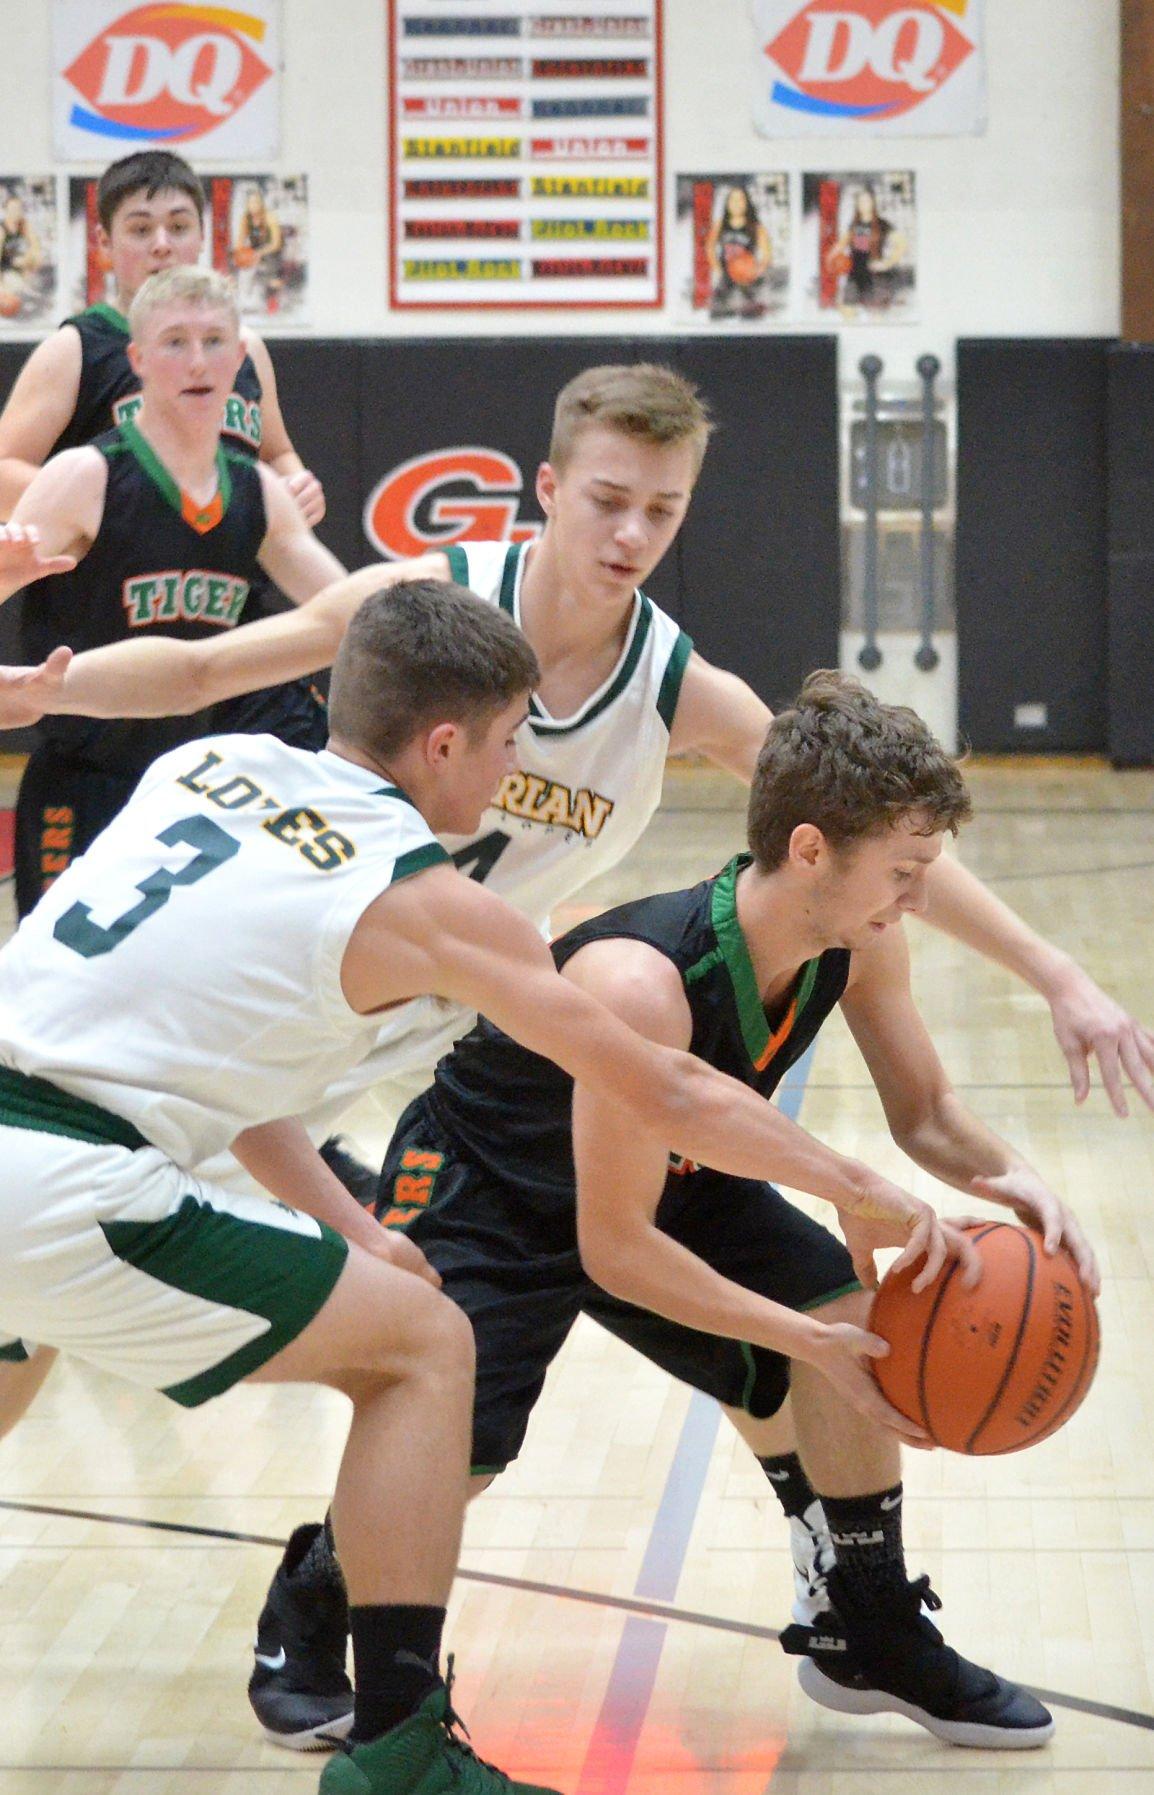 Dayville/Monument boys basketball